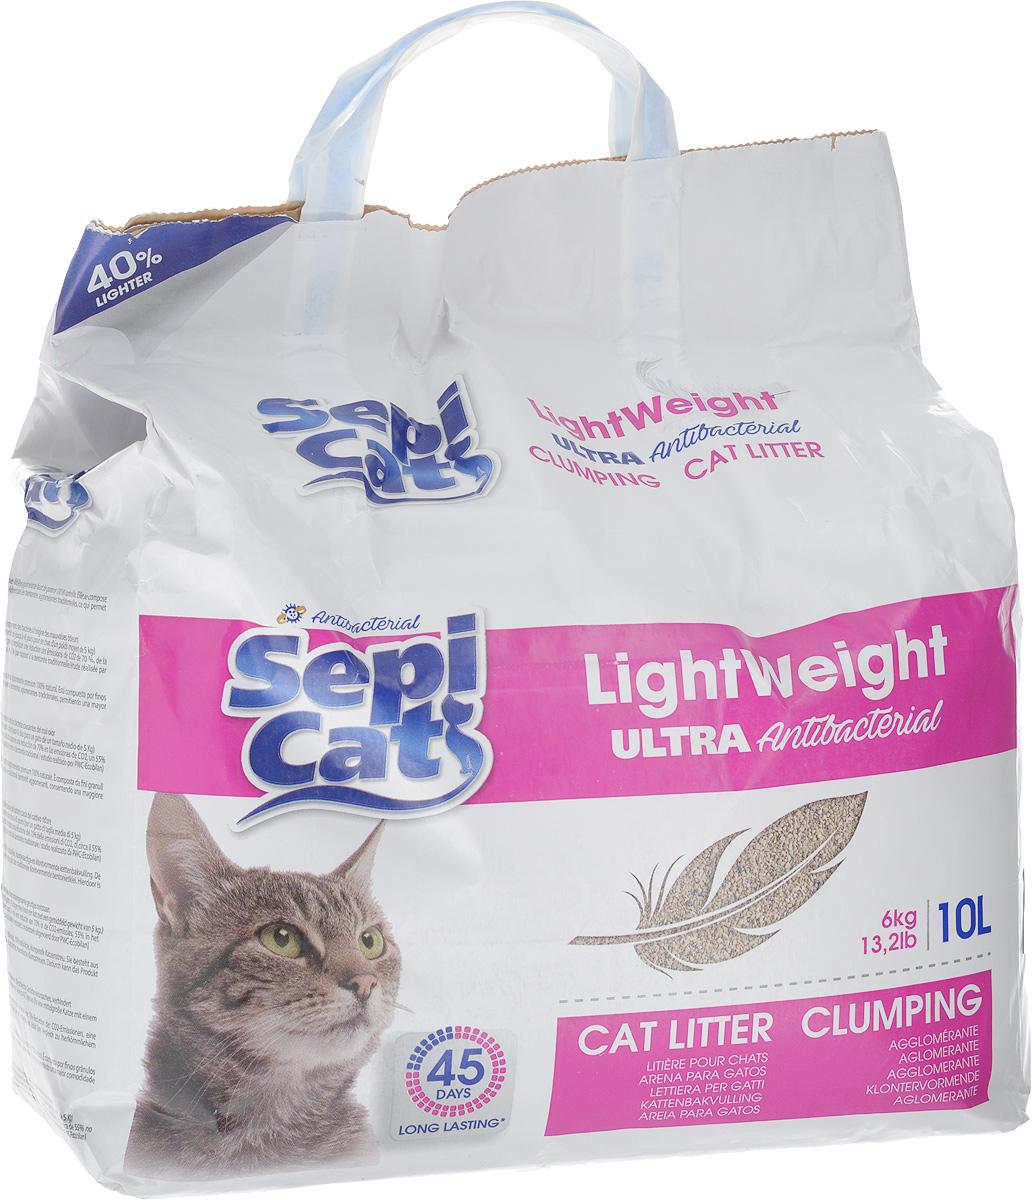 Наполнитель для кошачьих туалетов SepiCat Антибактериальный, комкующийся, облегченный, ультра, 10 л20748Комплектующий наполнитель для кошачьих туалетов SepiCat Антибактериальный состоит из мелкозернистых суперадсорбирующих глиняных гранул, которые на 40% легче традиционных комкующихся бентонитов, что облегчает уход и использование продукта.Преимущества наполнителя SepiCat Антибактериальный:- прекрасно комкуется,- очень экономно расходуется,- содержит сильный бактерицидный агент, препятствующий росту бактерий, которые вызывают появление неприятного запаха.Товар сертифицирован.